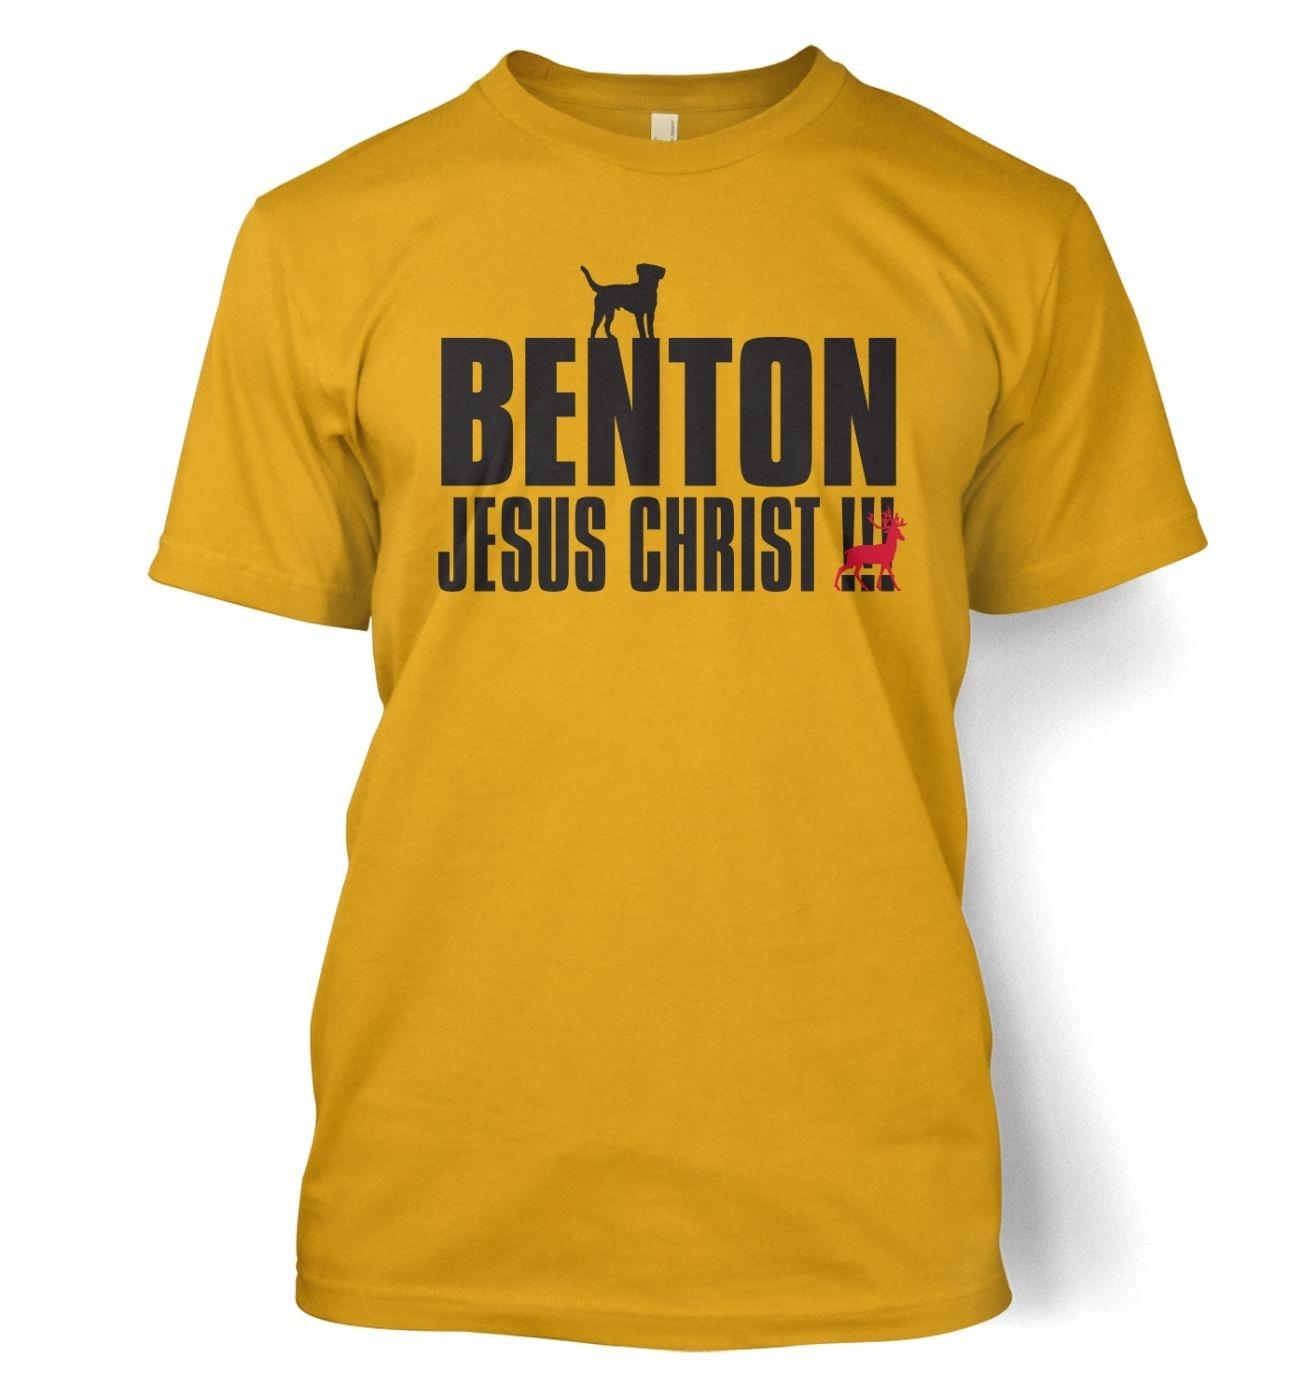 Benton Dog Chasing Deer t-shirt